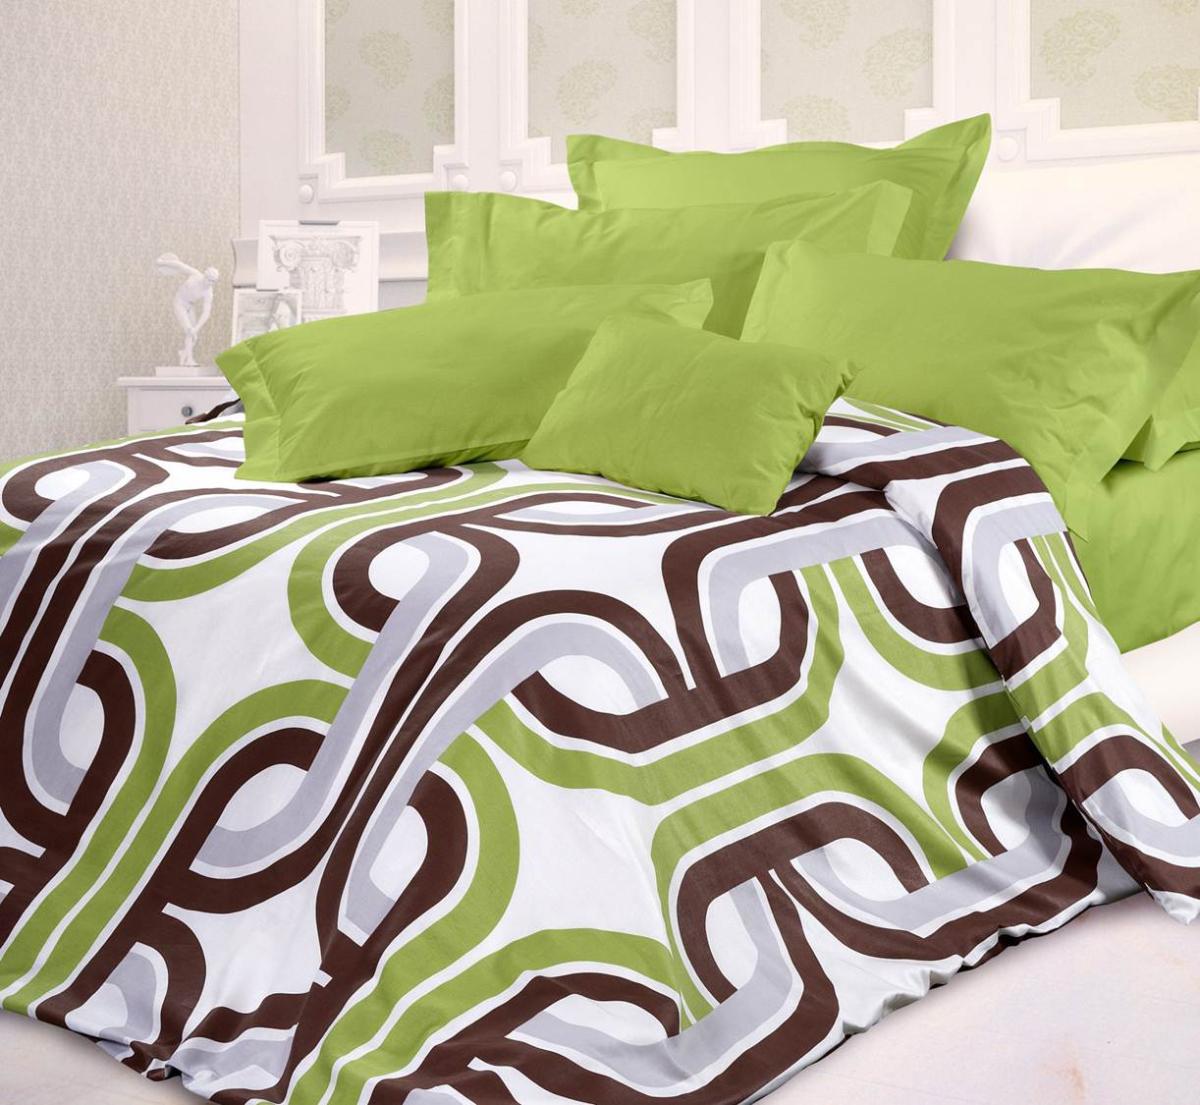 Комплект белья Унисон Антуан, евро, наволочки 70 х 70, цвет: зеленый. 332482332482Роскошная коллекция постельного белья из 100% хлопкавысшего качества. Мягкий, износостойкий, нежный сатин сблагородным шелковистым блеском производится изкрученой хлопковой нити поспециальной технологии двойного плетения.